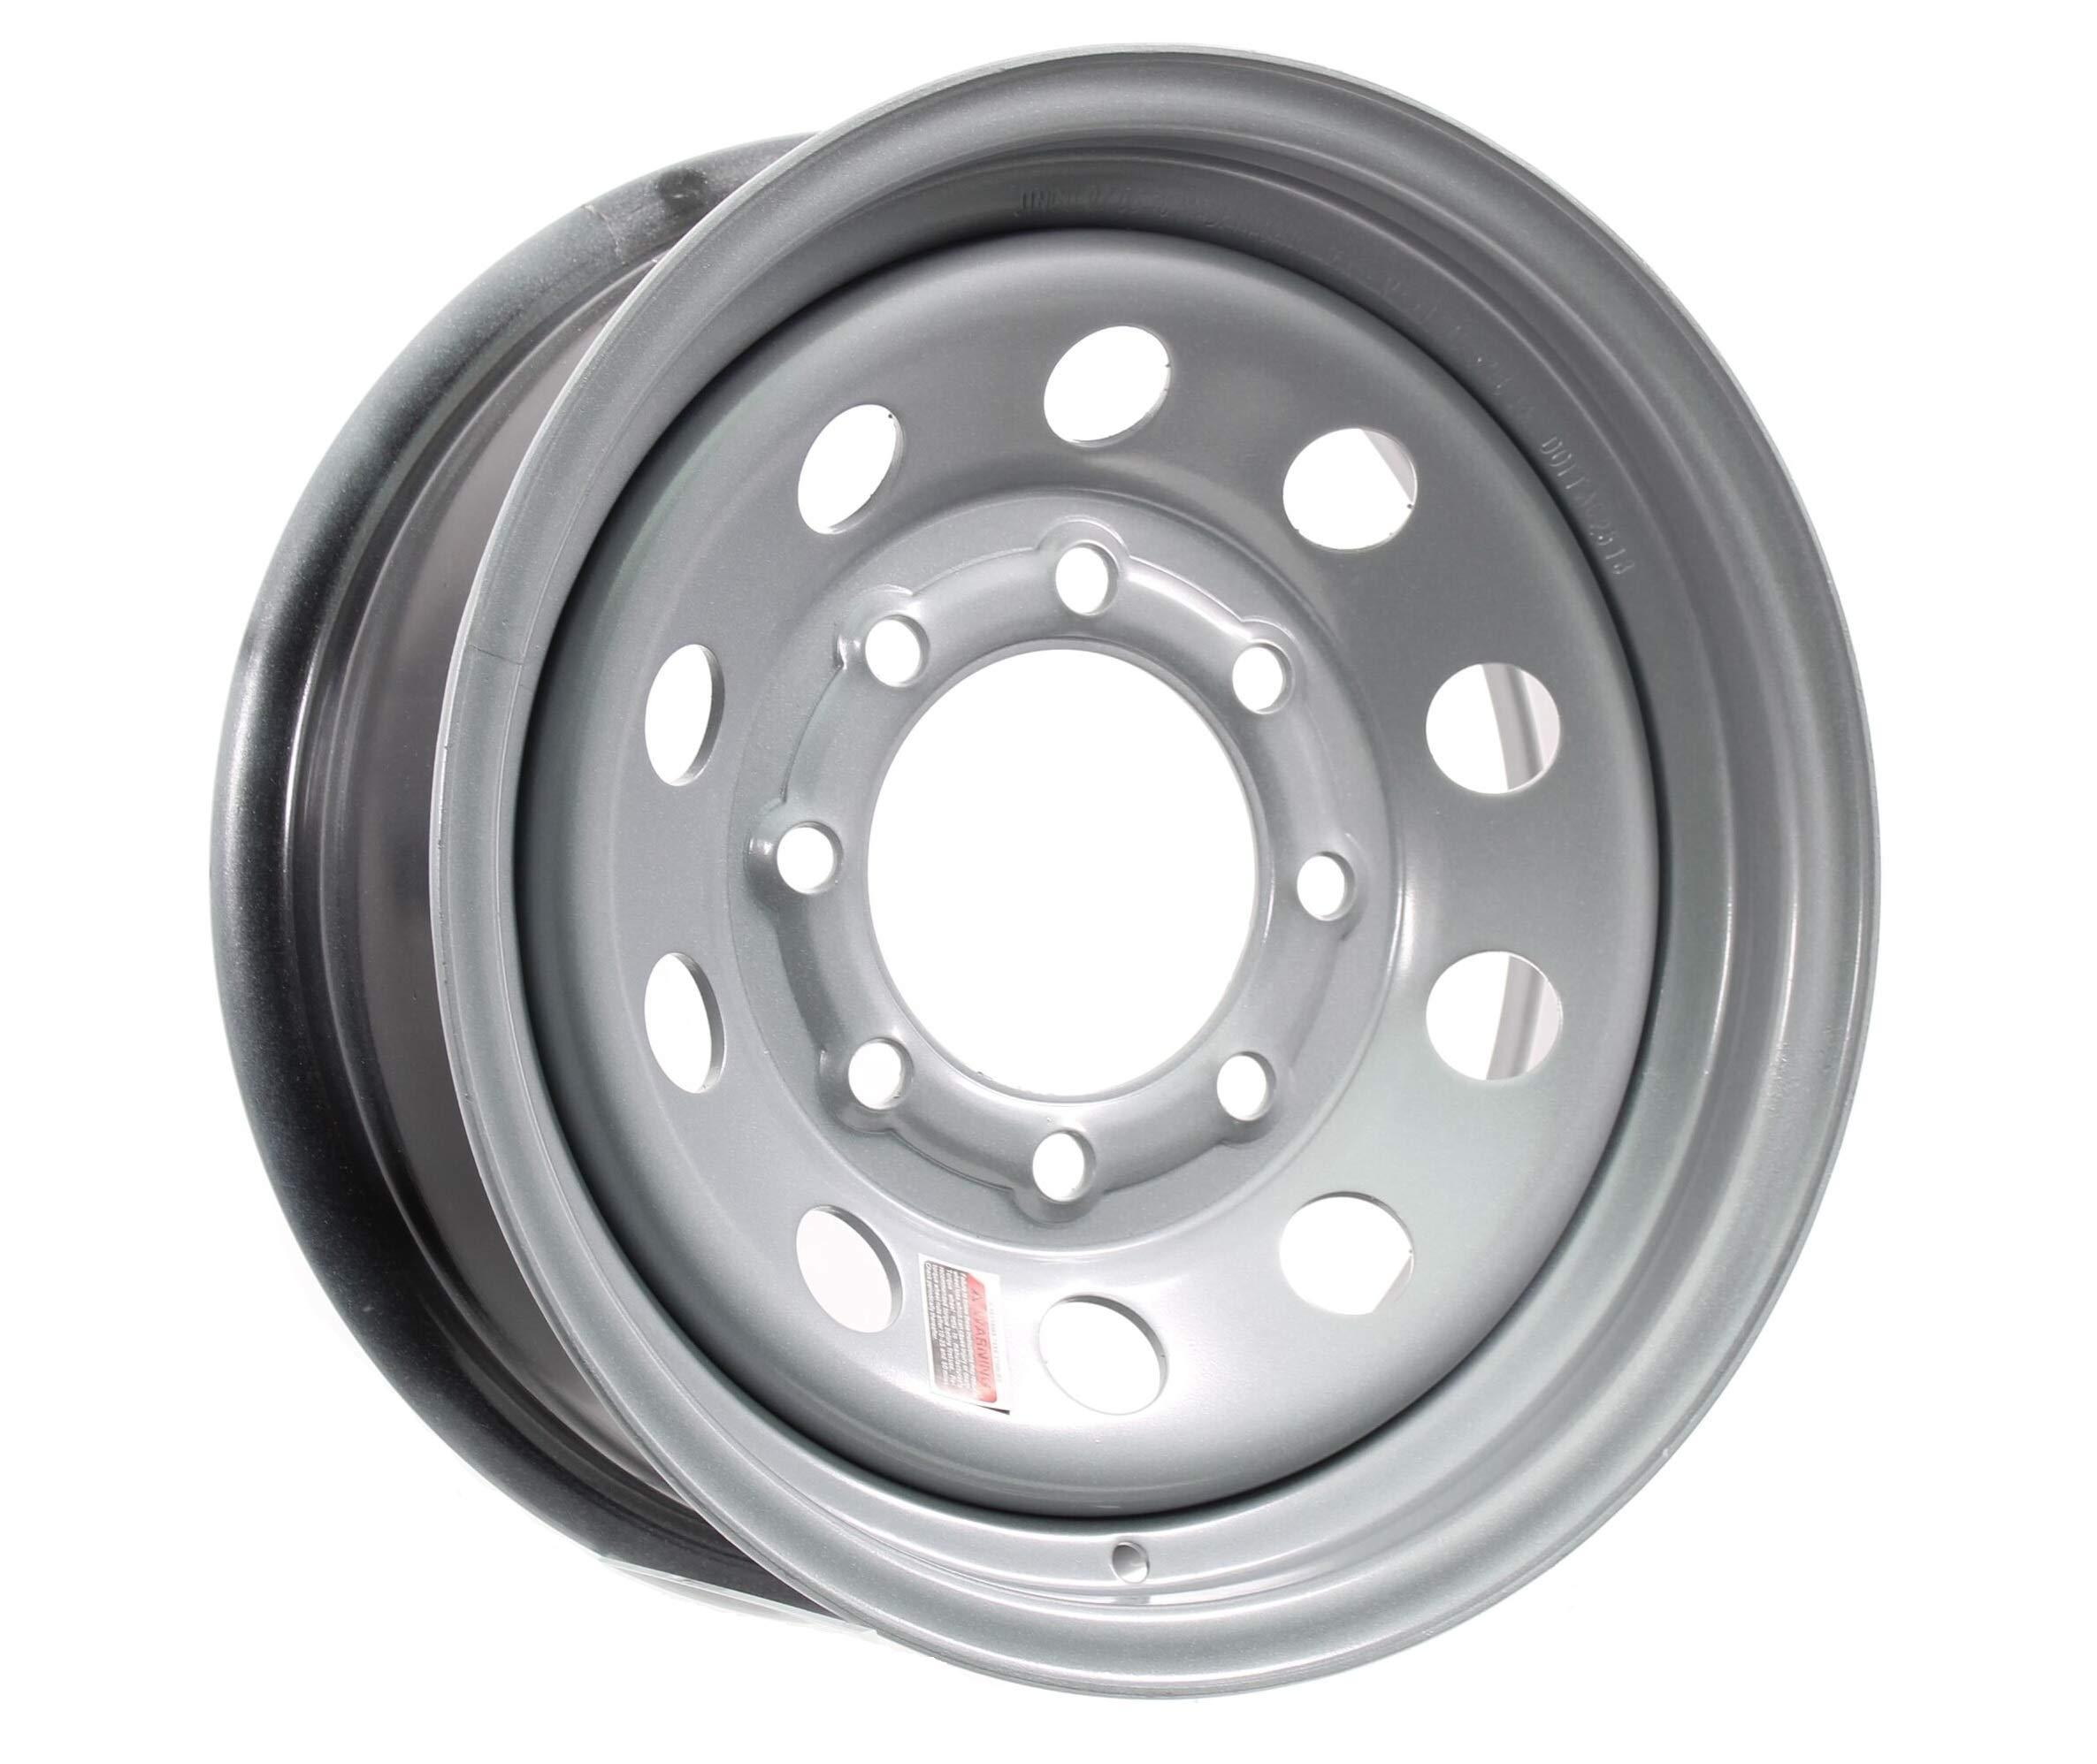 Equipment Trailer Rim Wheel 16 in. 16X6 8 Hole Bolt Lug Gray Grey Modular Holes by eCustomRim